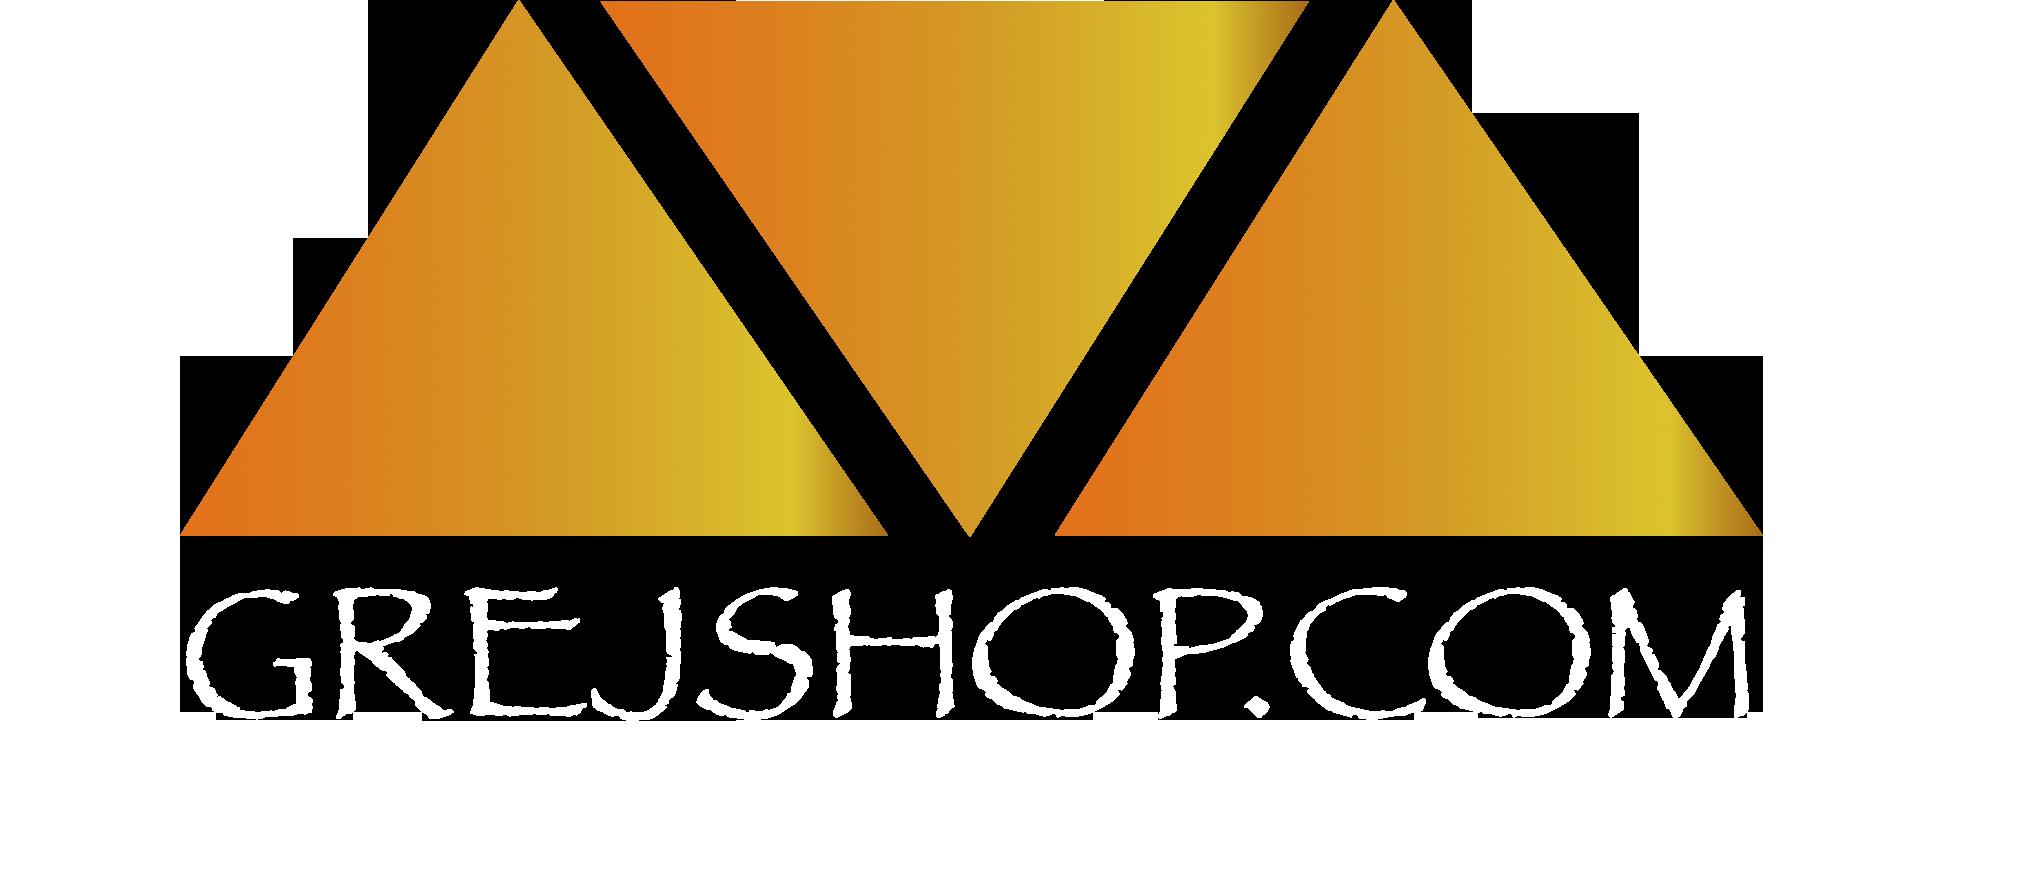 Grejshop.com